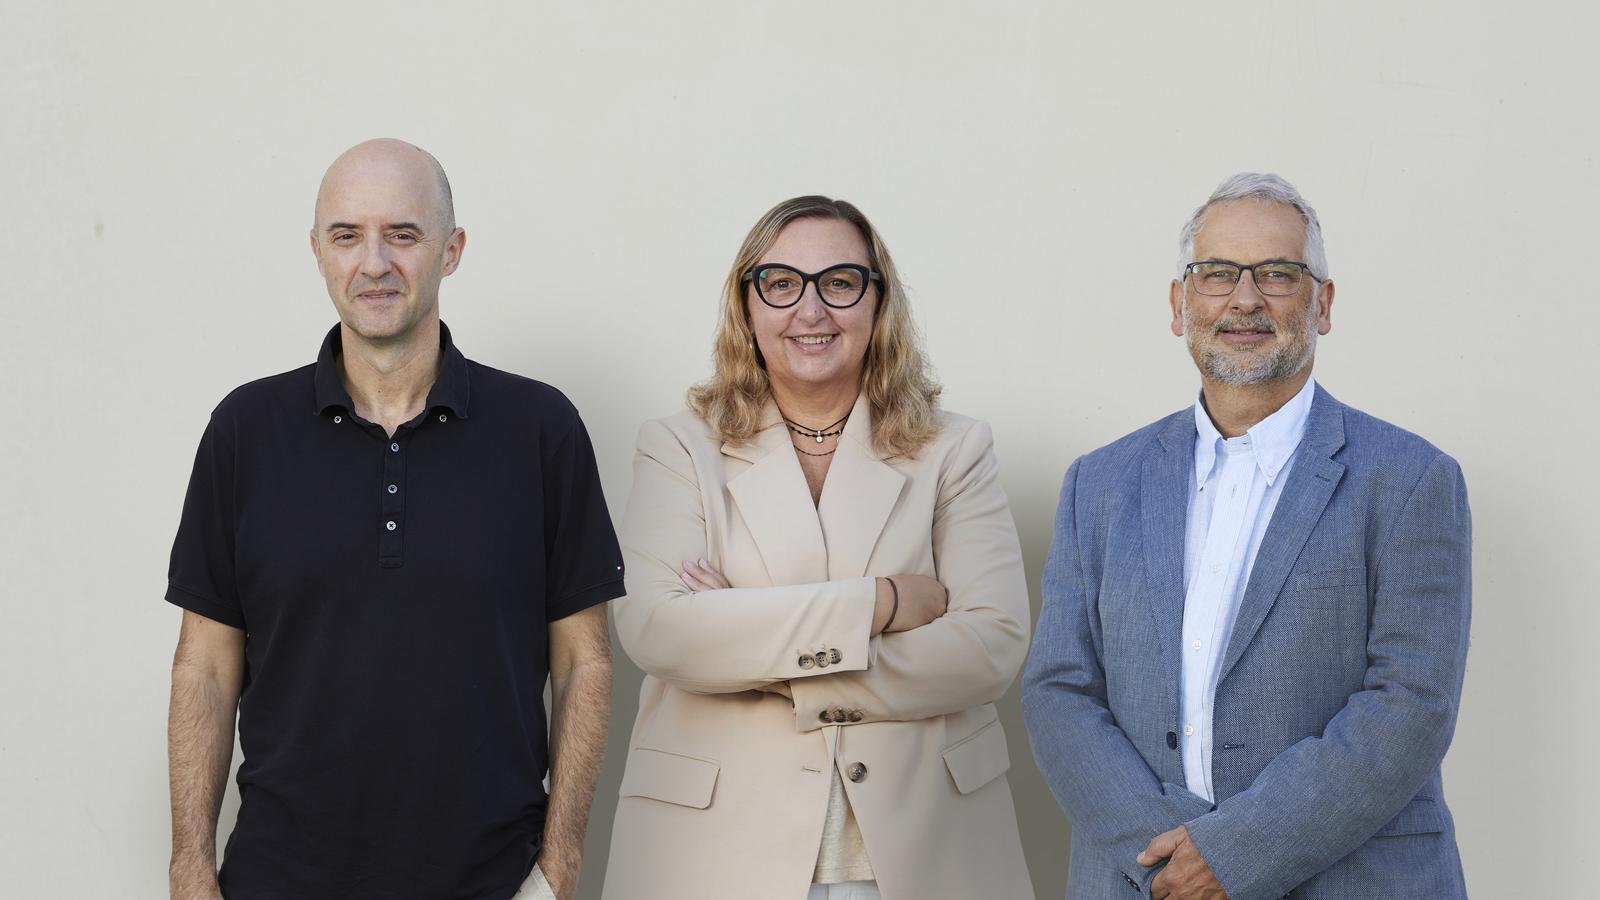 D'esquerra a dreta: Perejoan Cardona, investigador creador de la Ruti; Olga Rue, consellera delegada d'Archivel; i Luis Ruiz, conseller delegat d'Immuni